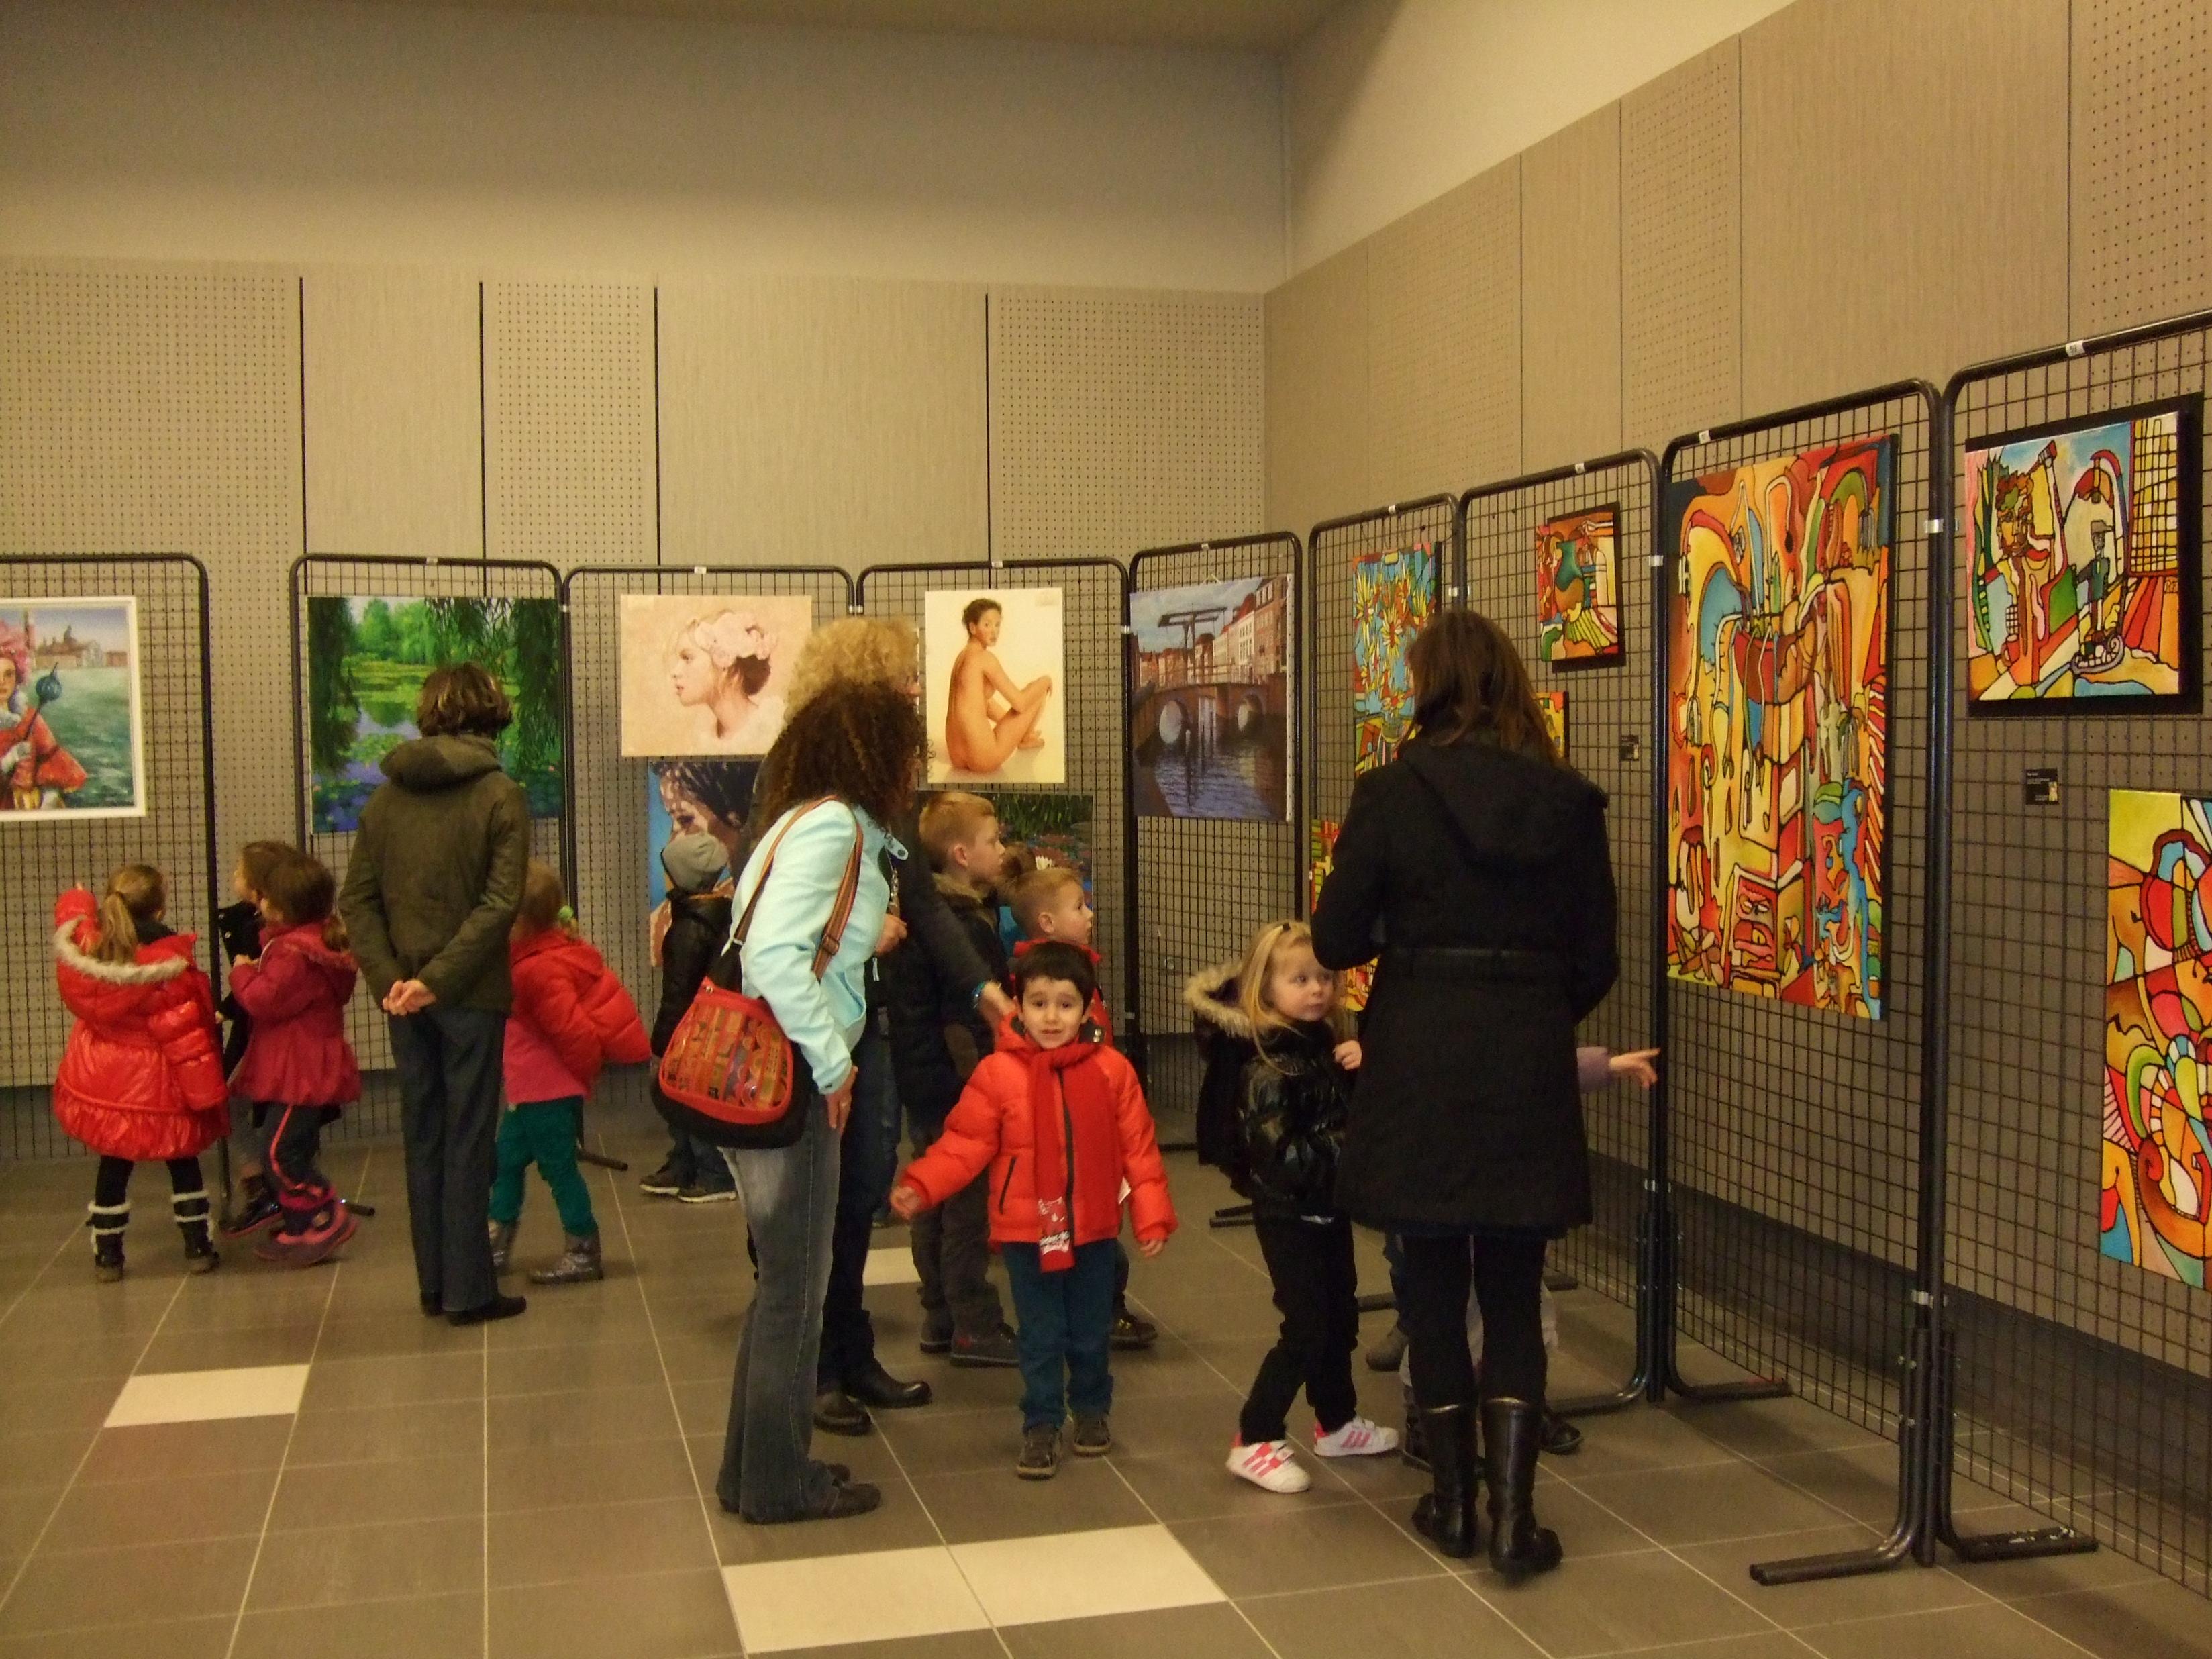 Salon des arts - Salon des arts nancy ...